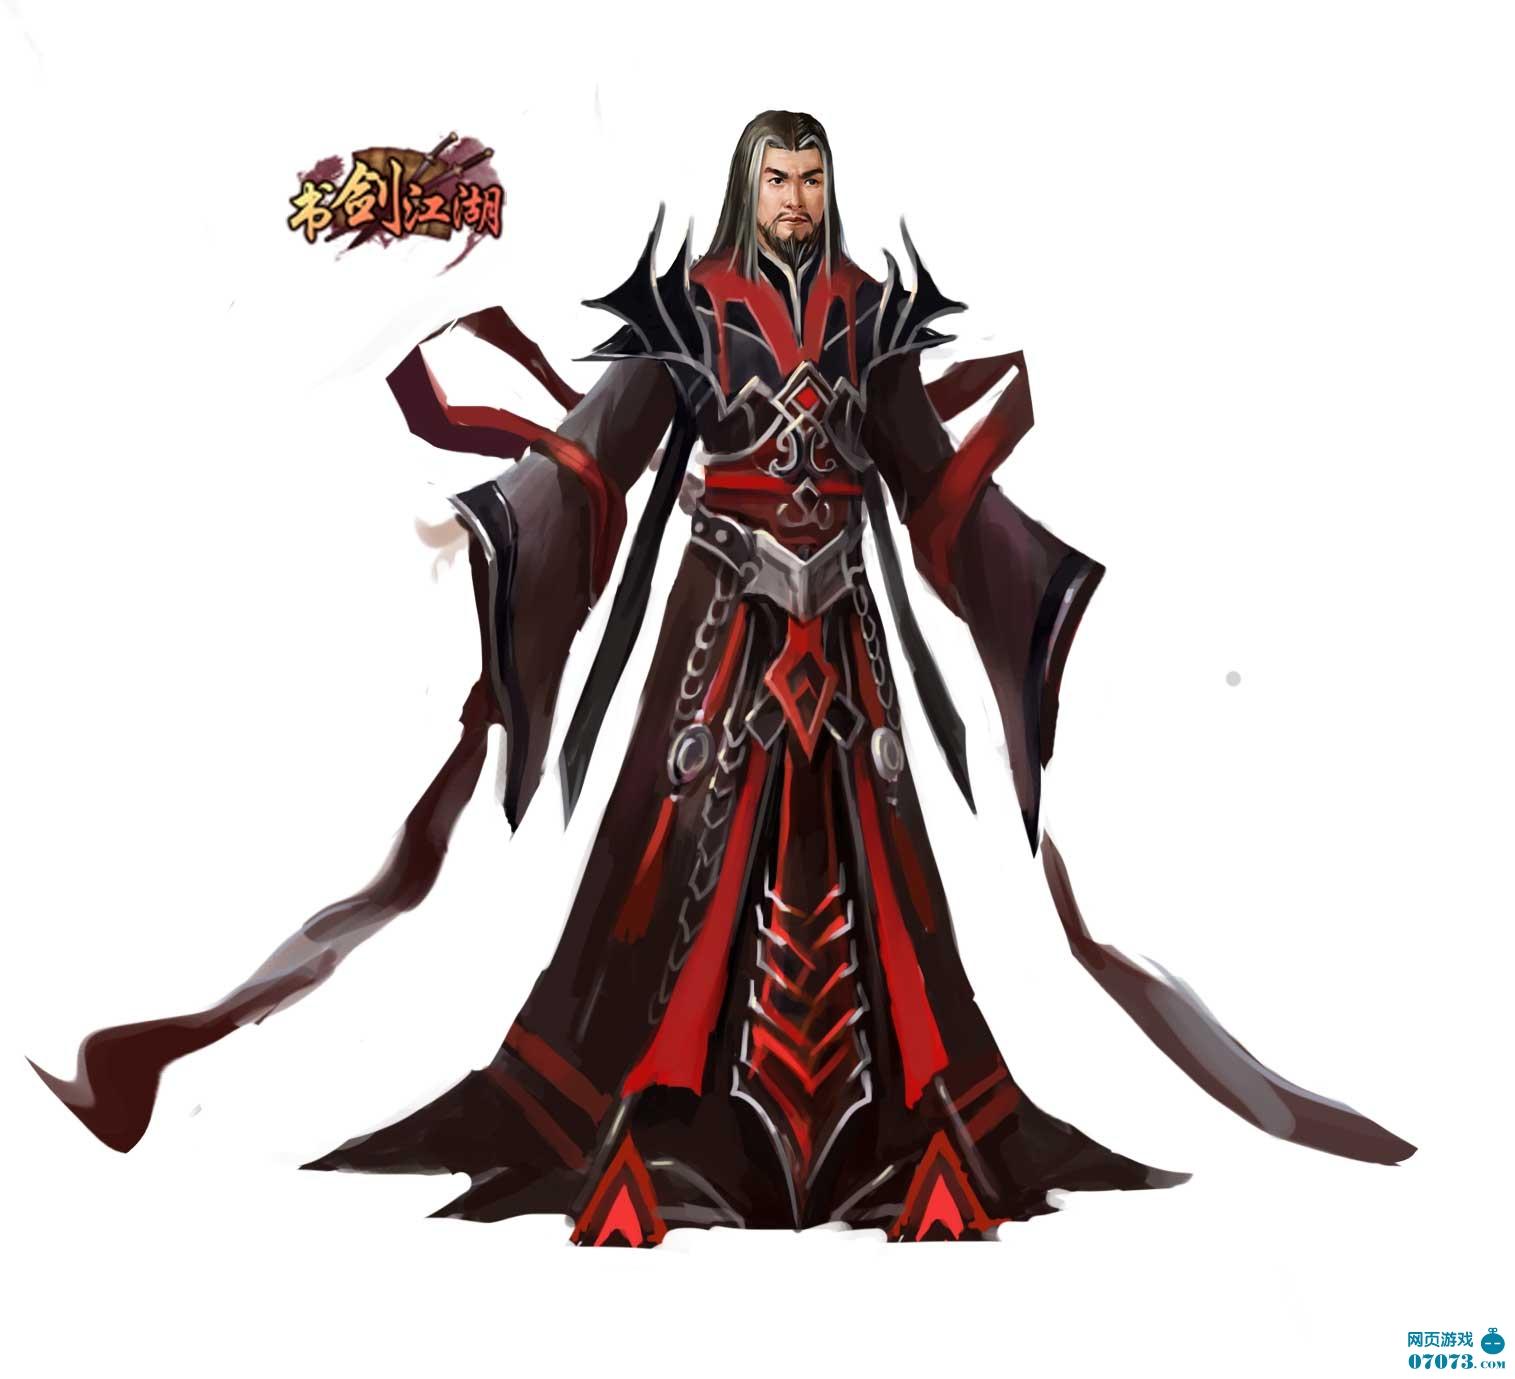 > 《书剑江湖》手绘人物原画 首次独家曝光        最写实的武侠世界